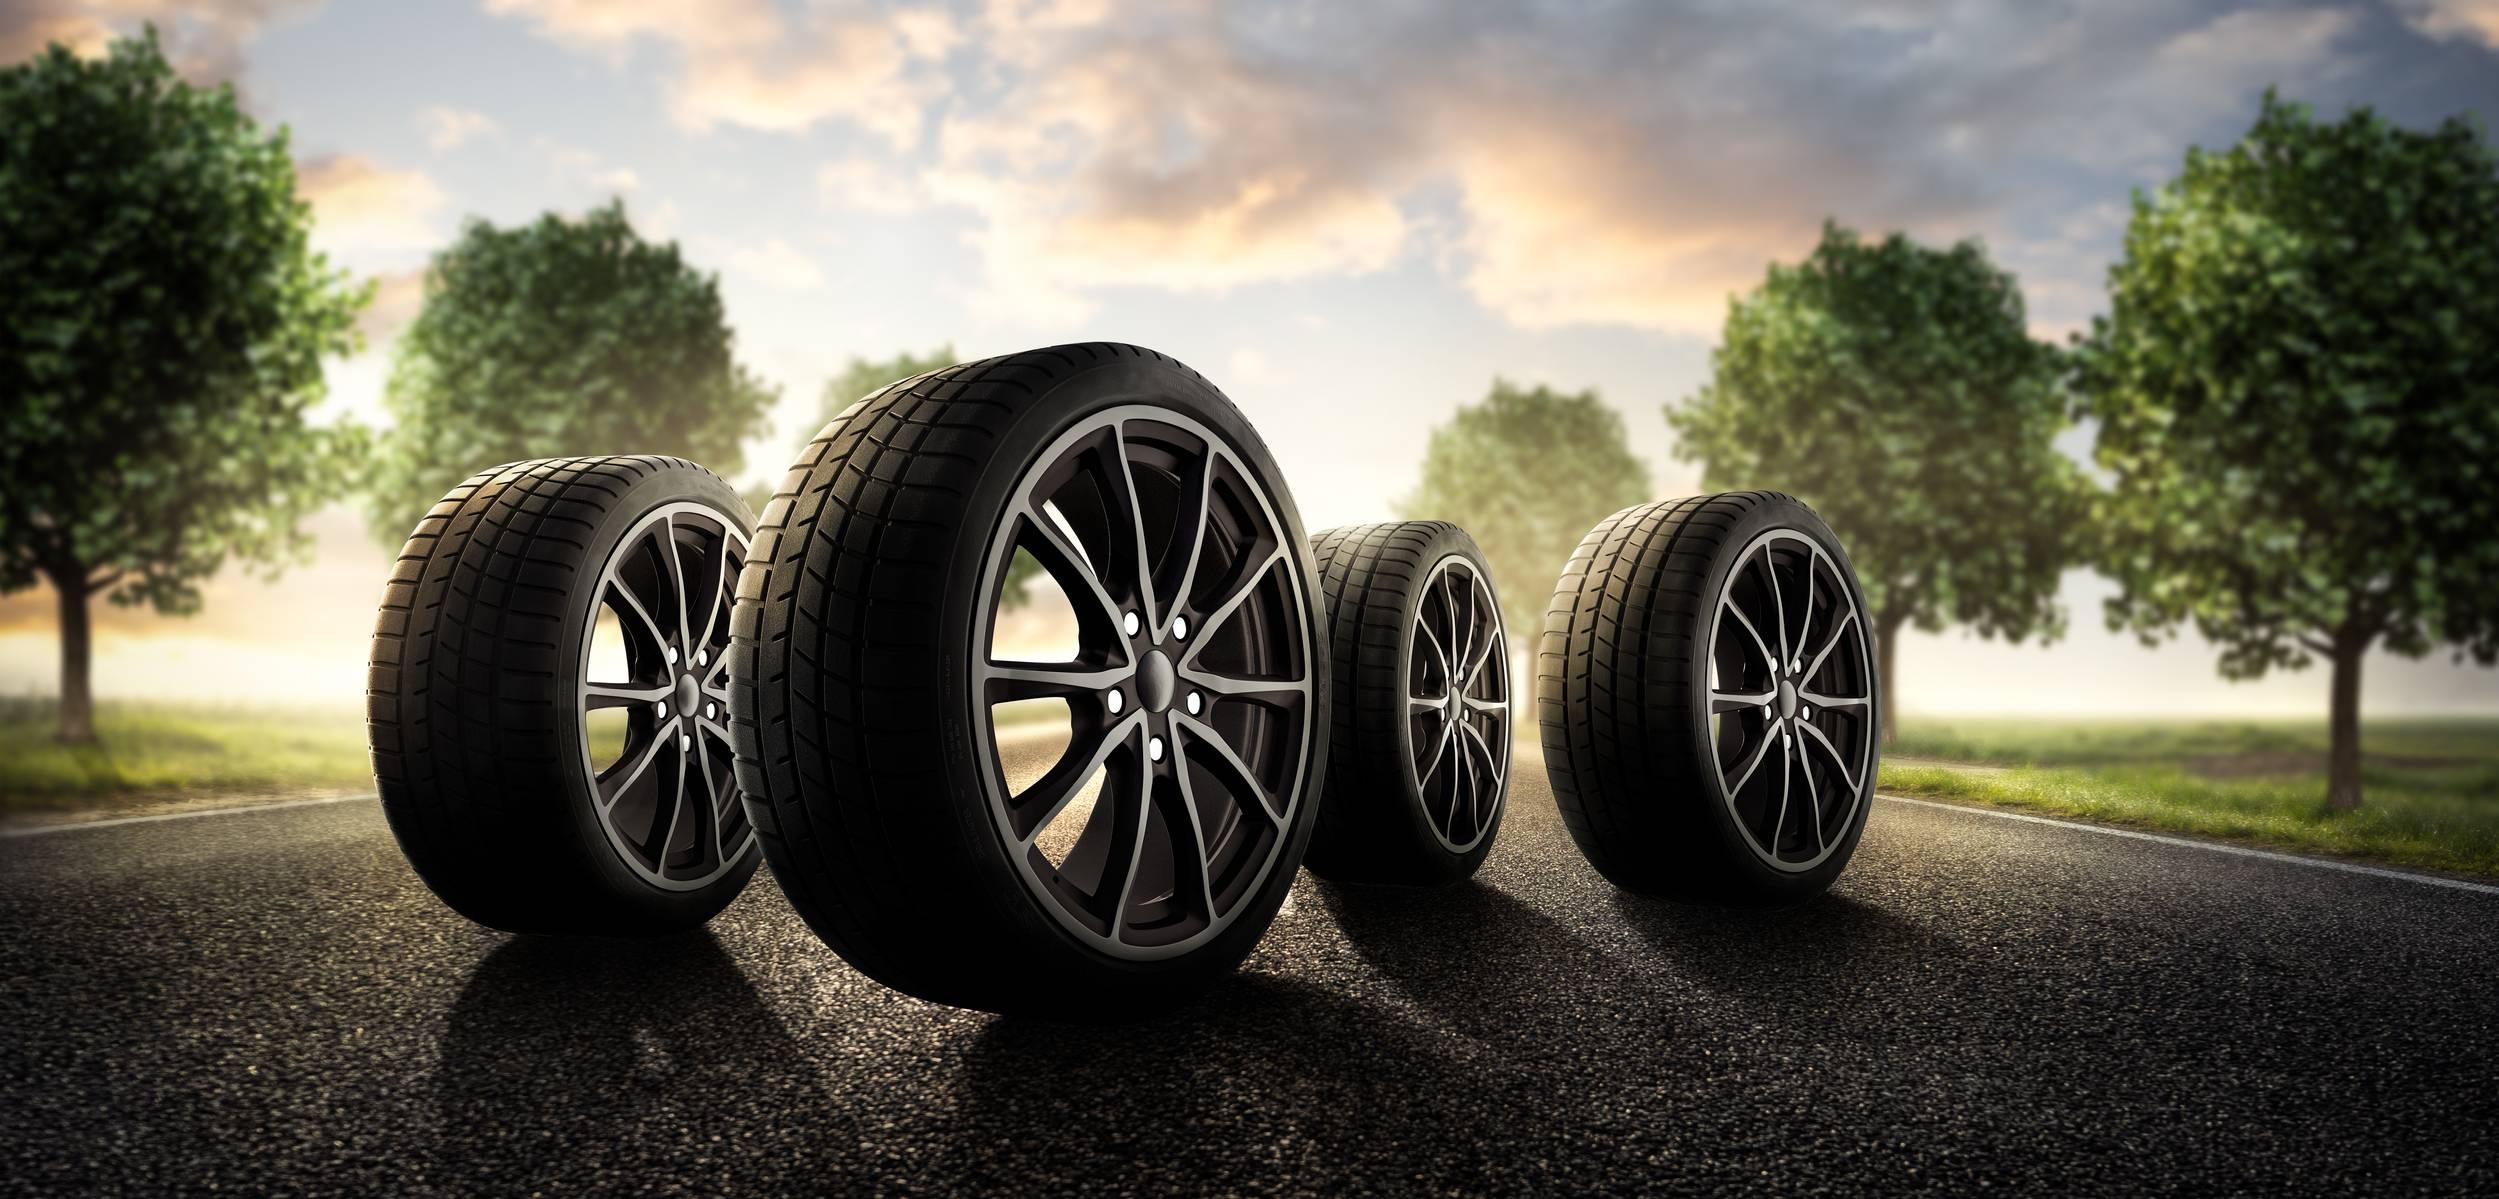 saisons-pneus-faire-choix-quel